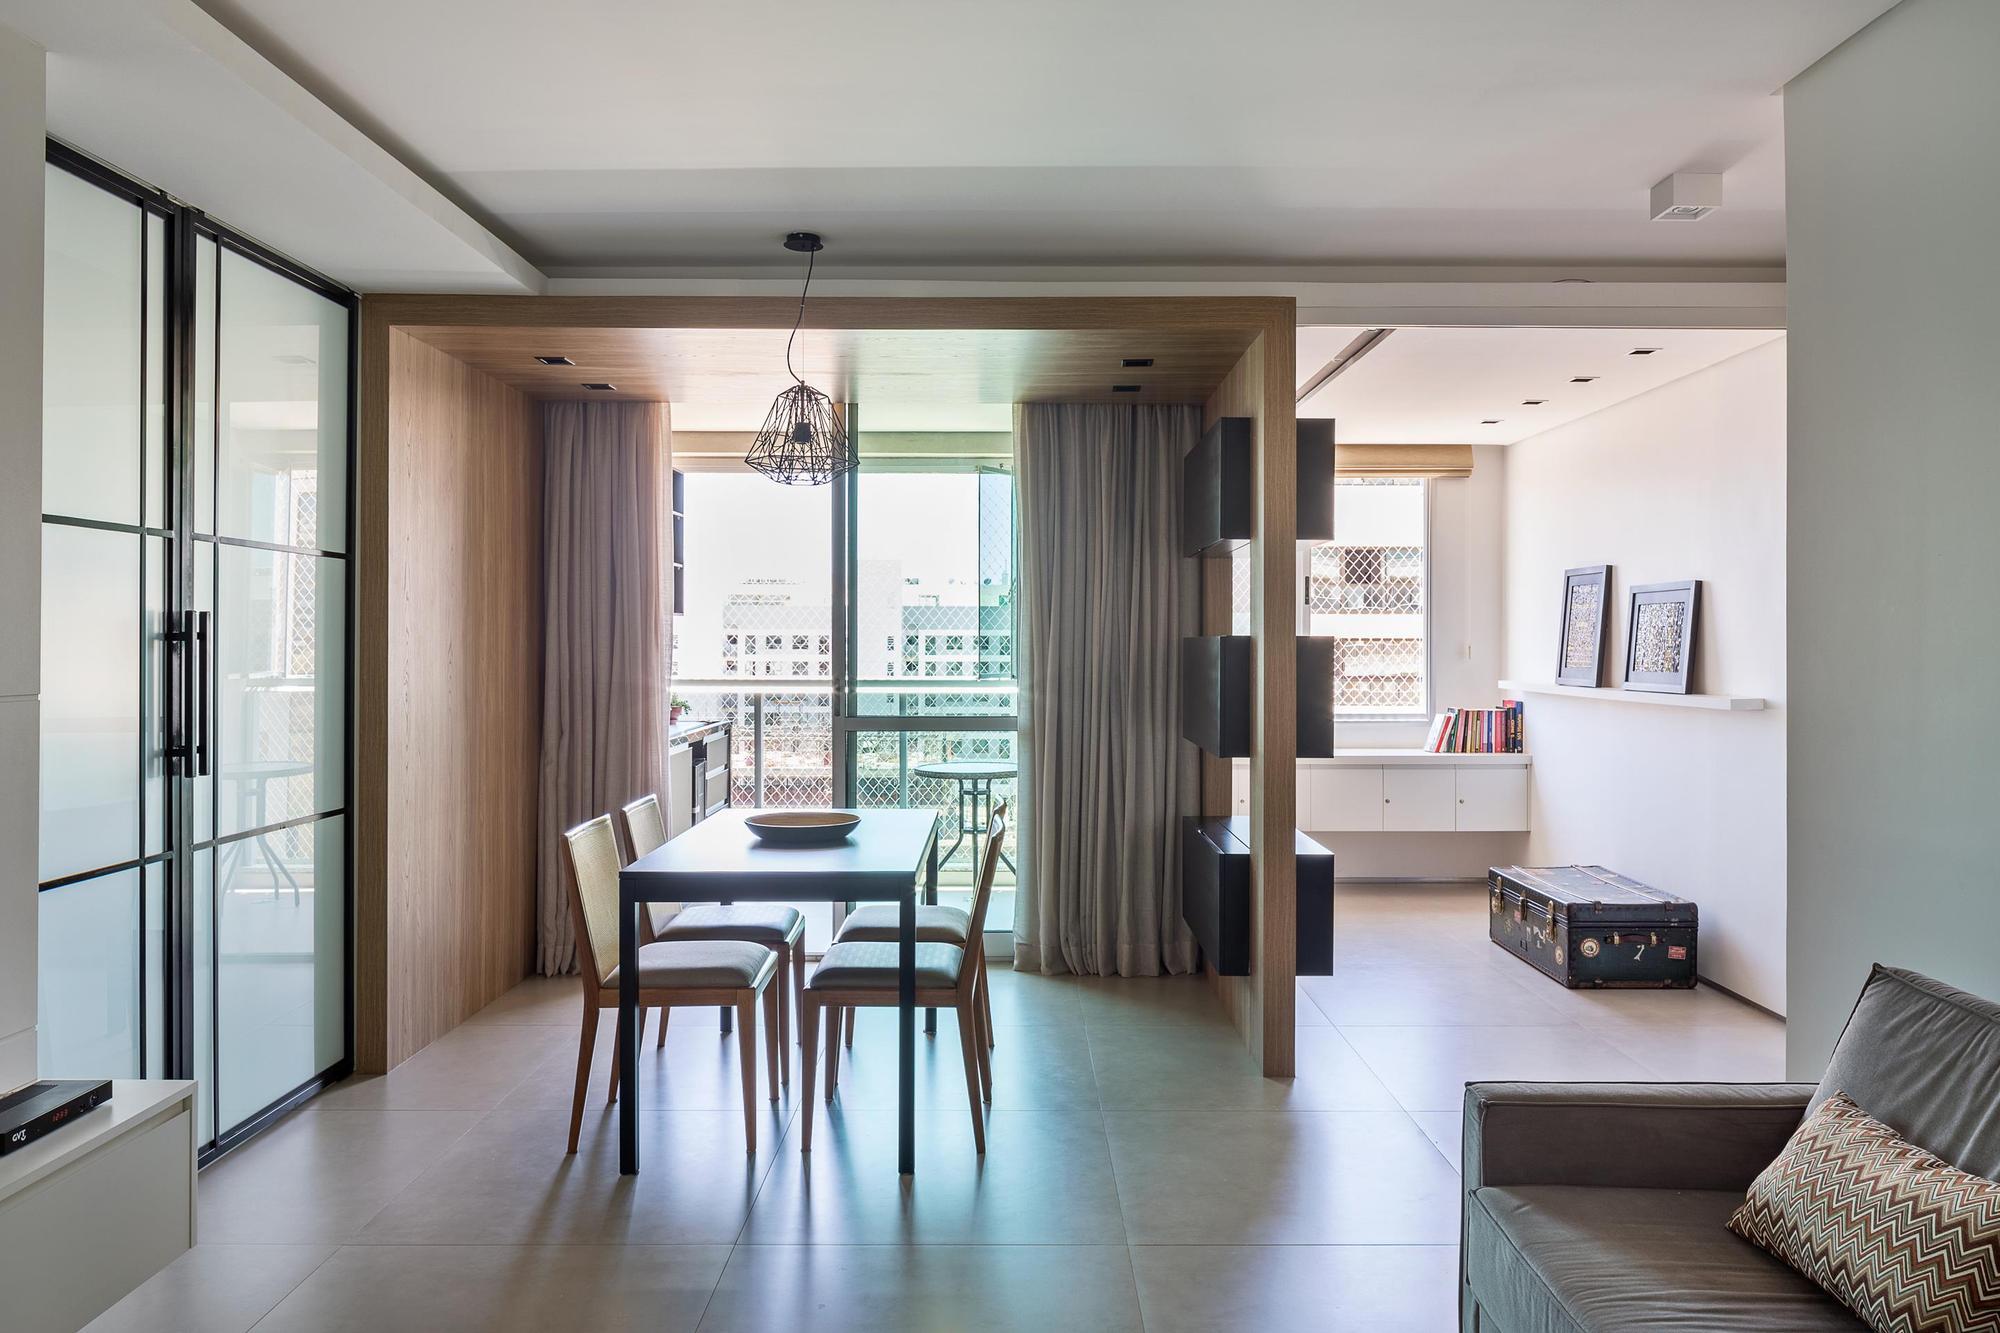 Arquitetos semerene arquitetura interior